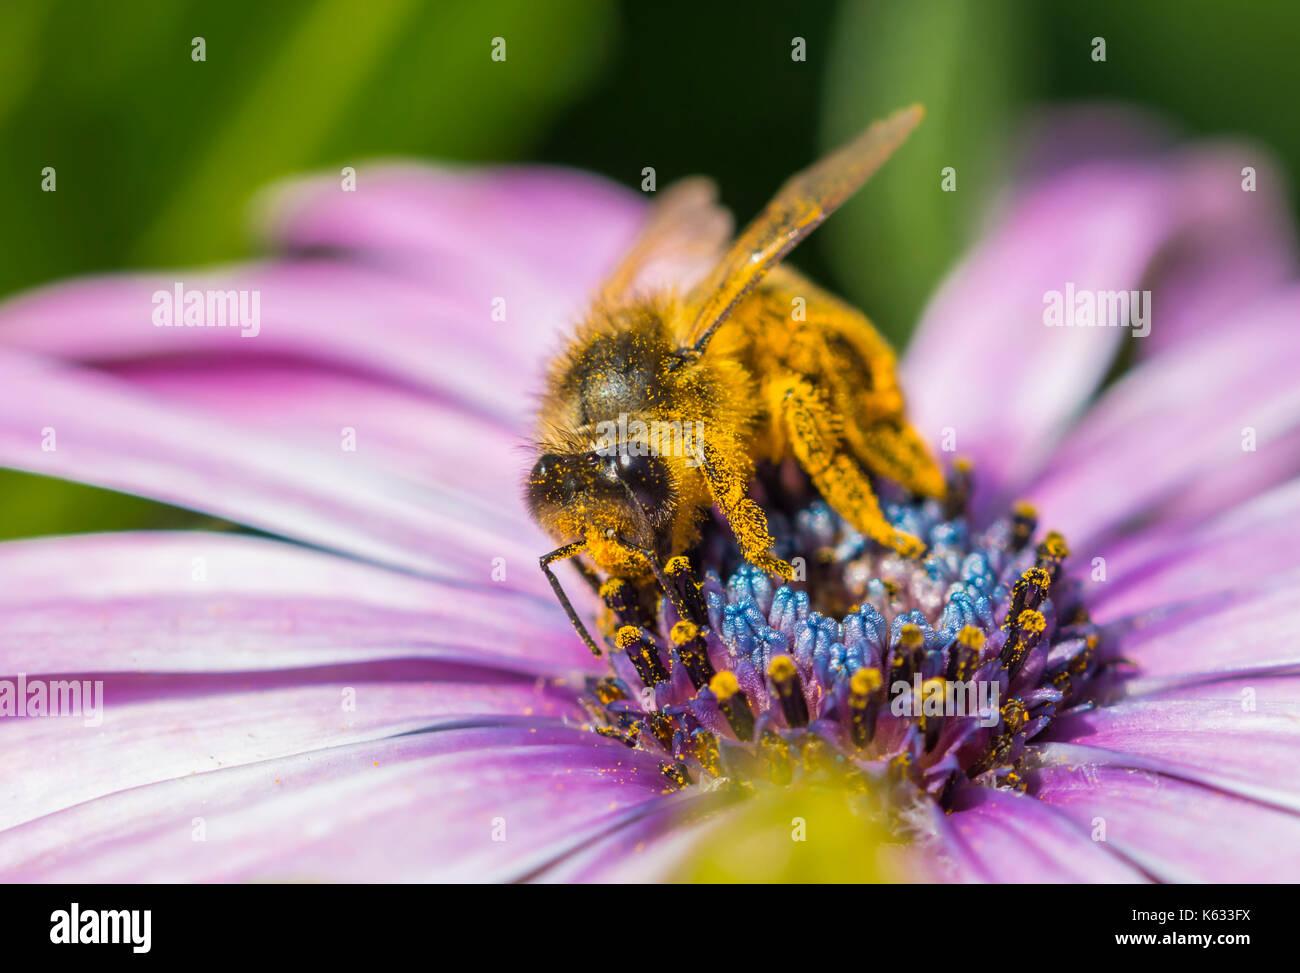 Abeille à miel (Apis mellifera) sur un Osteospermum ecklonis (African daisy) la collecte de nectar / la pollinisation fleur, dans le West Sussex, Angleterre, Royaume-Uni. Photo Stock